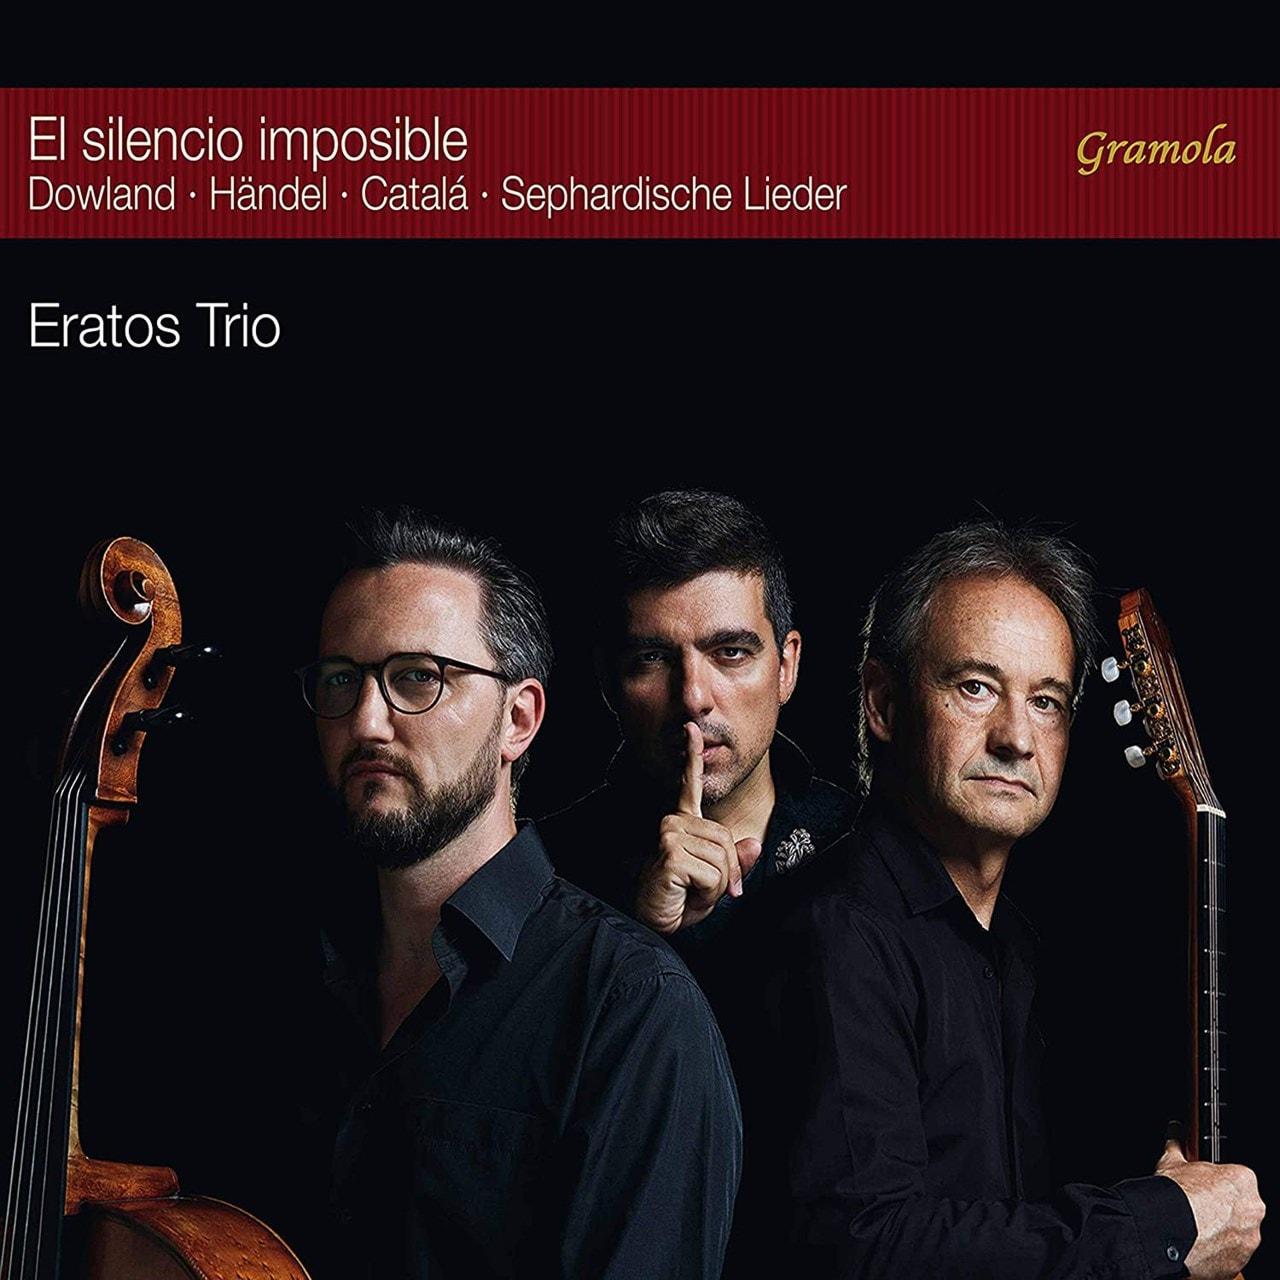 El Silencio Imposible: Dowland/Handel/Catala/Sephardische Lieder - 1